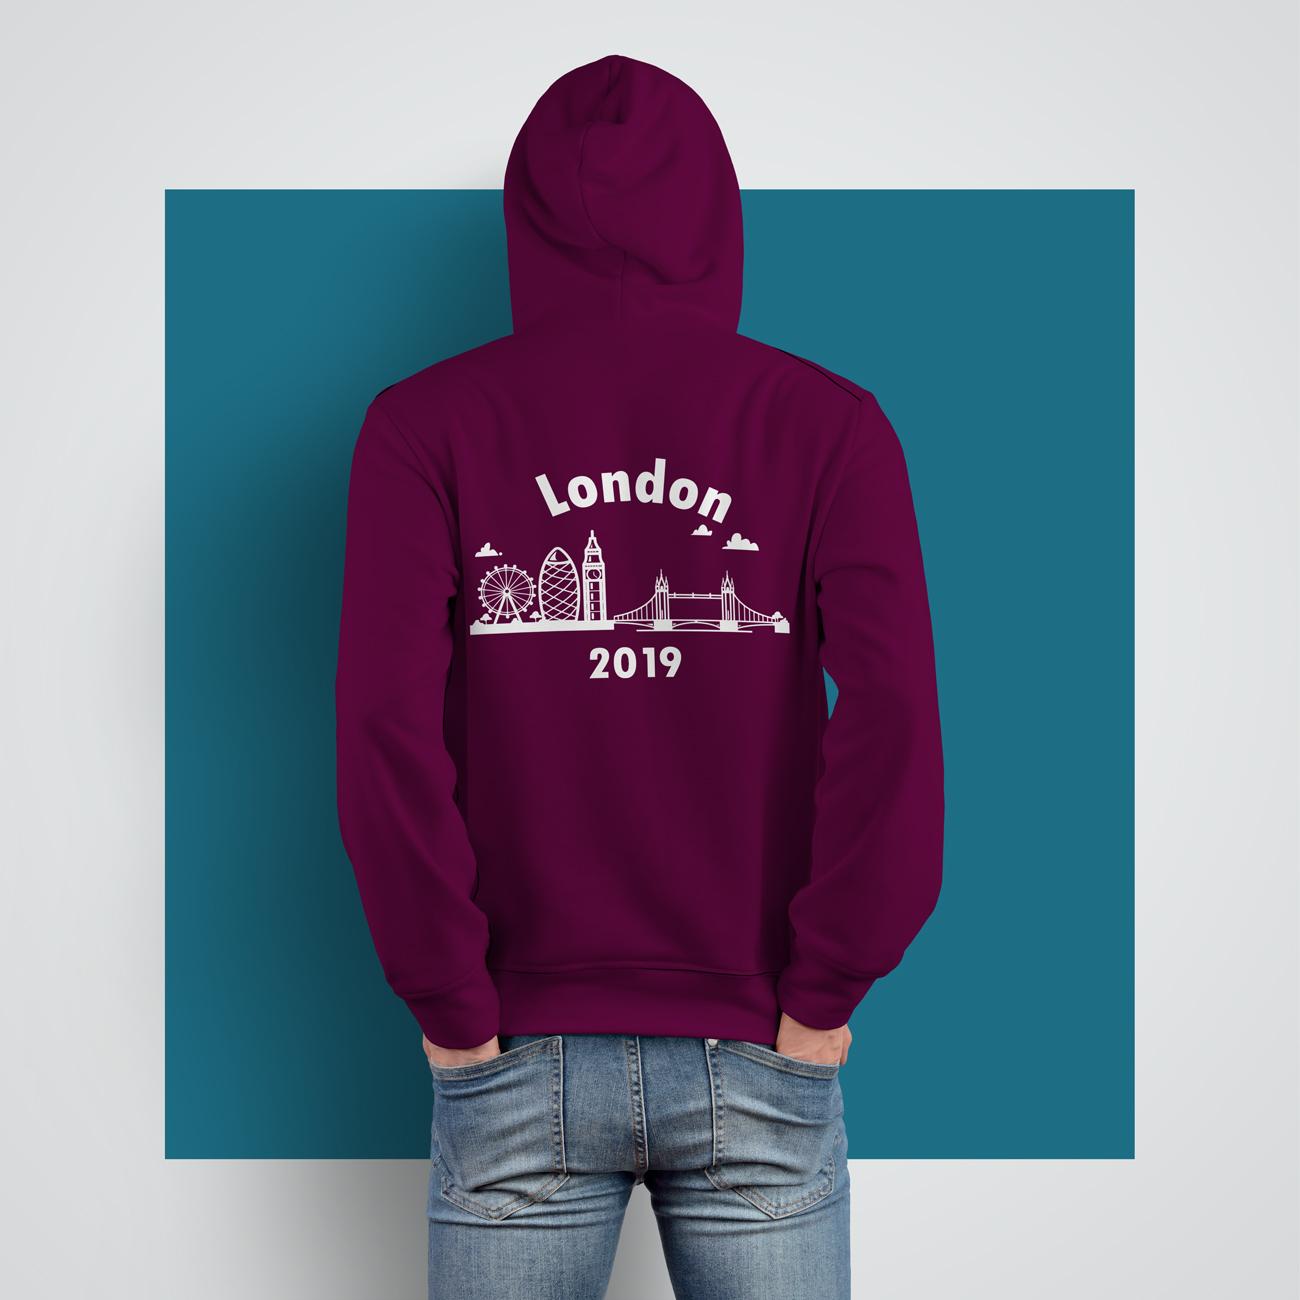 hoodie-london-2019